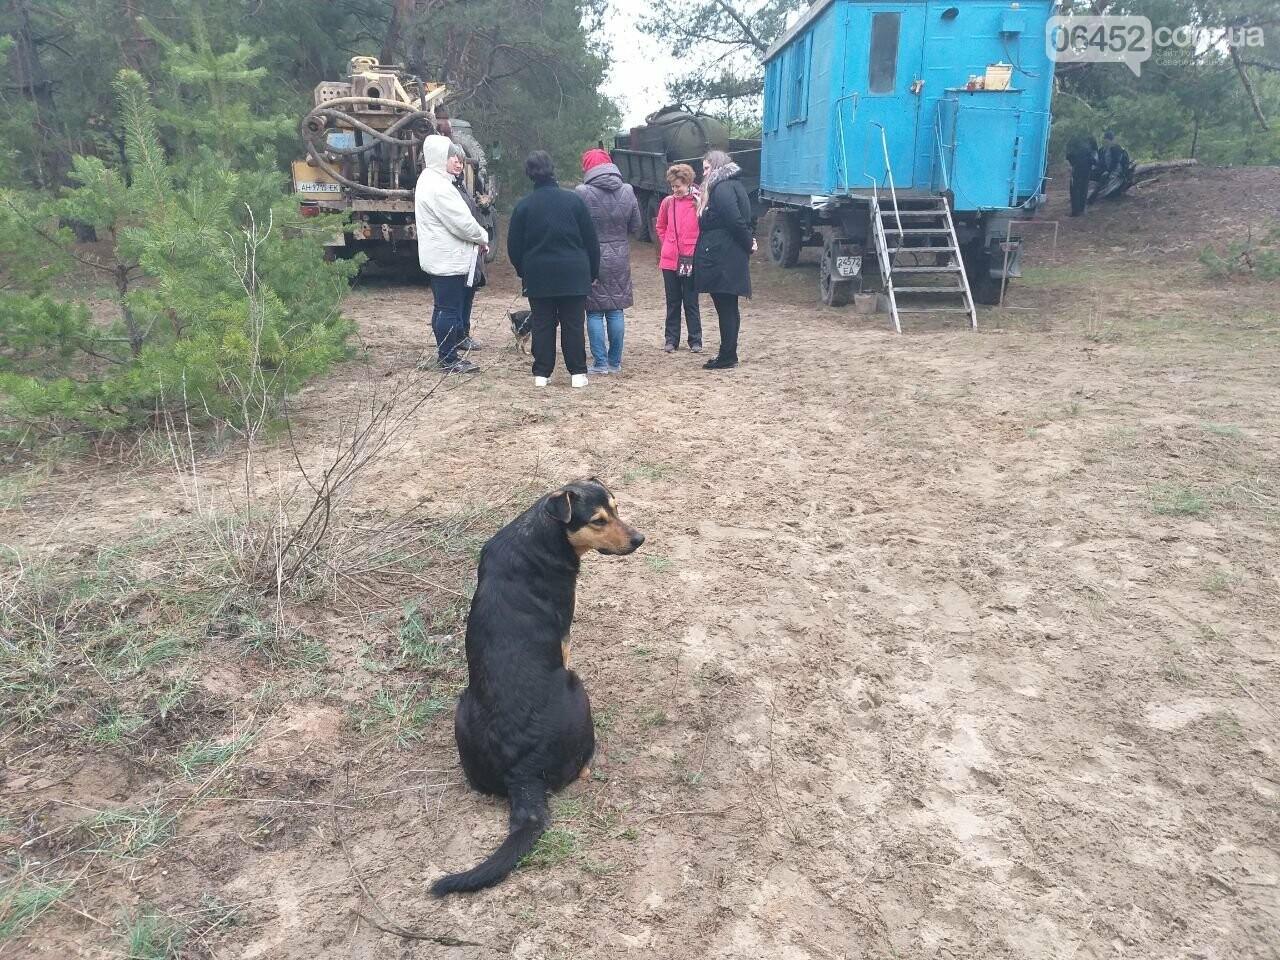 Бродячие собаки — реальная опасность Северодонецка , фото-4